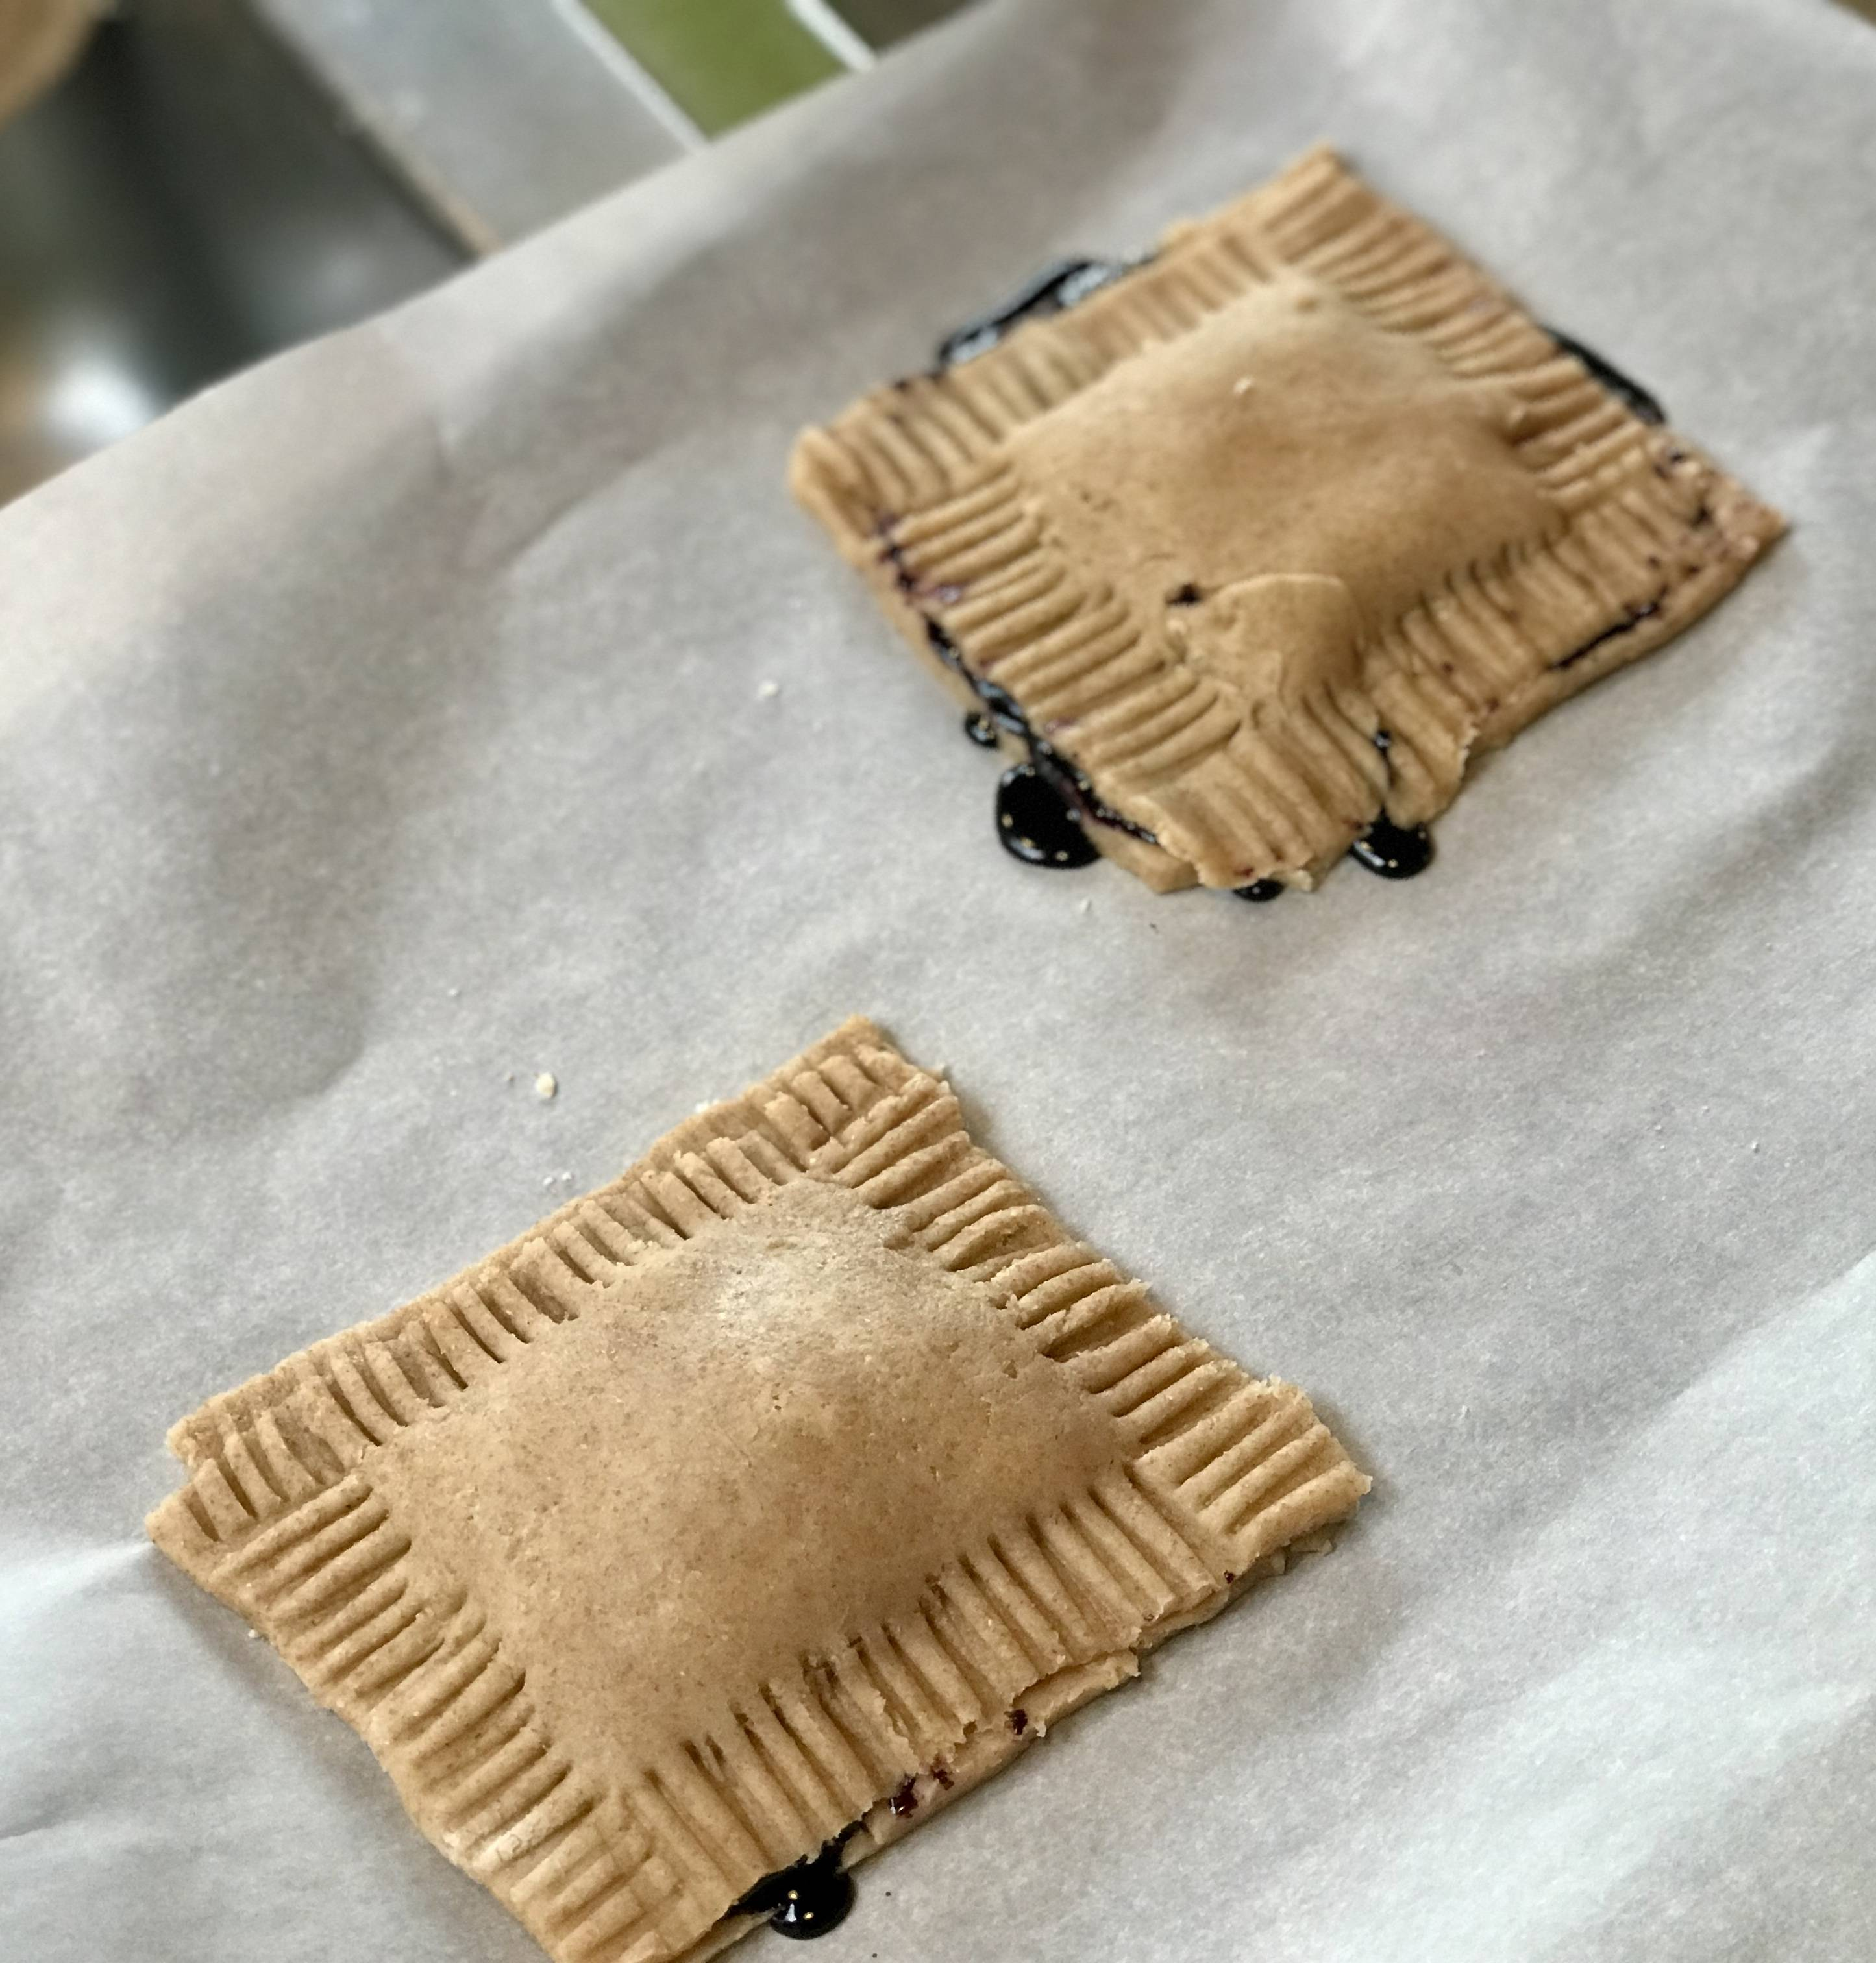 Yummy Wheat Pop Tarts